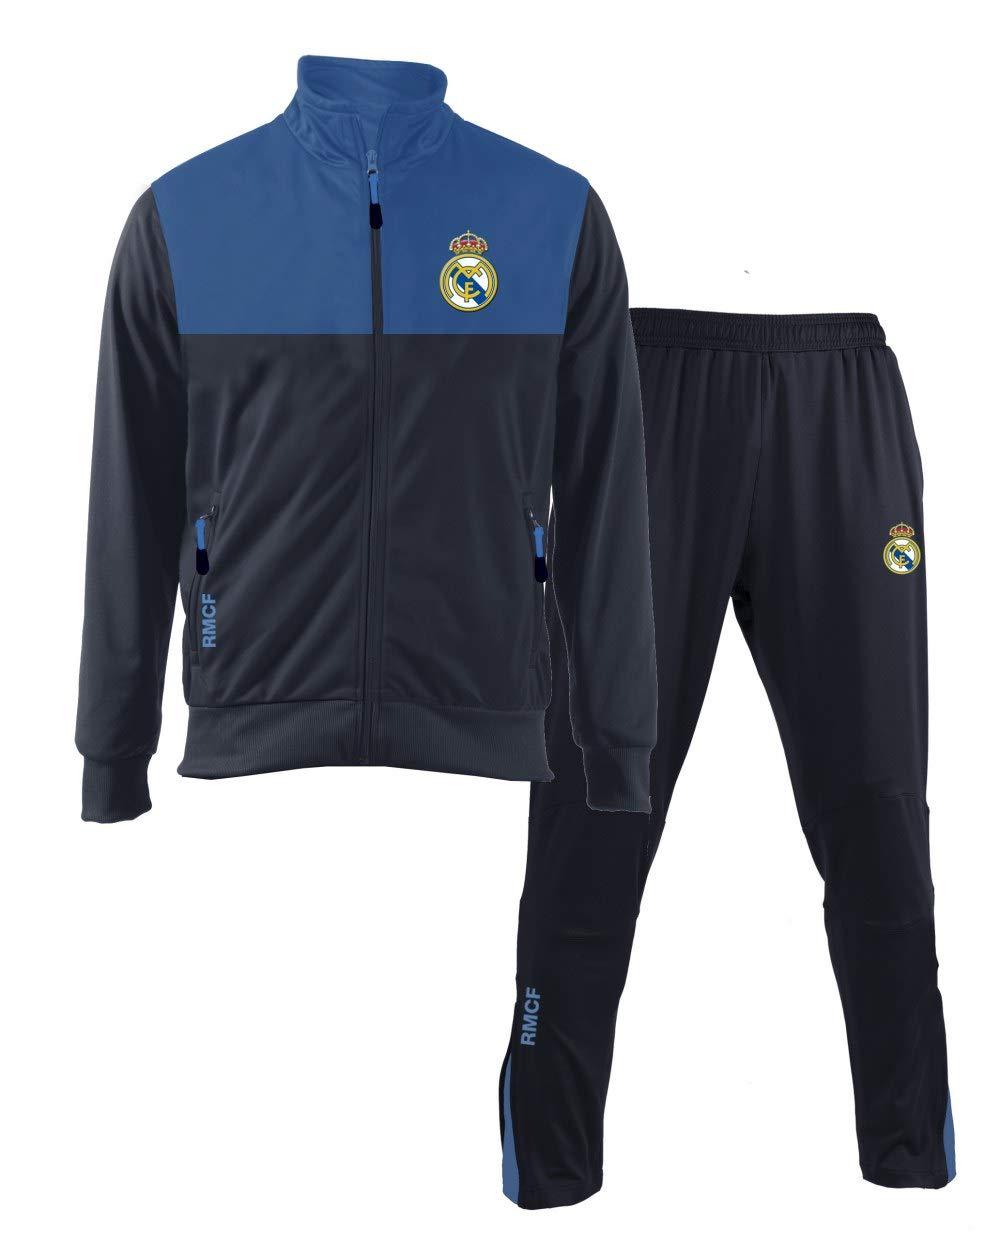 Tuta Ufficiale Real Madrid Blu Navy 2018 2019 in Blister Giacca e Pantaloni Originale Adulto e Bambino